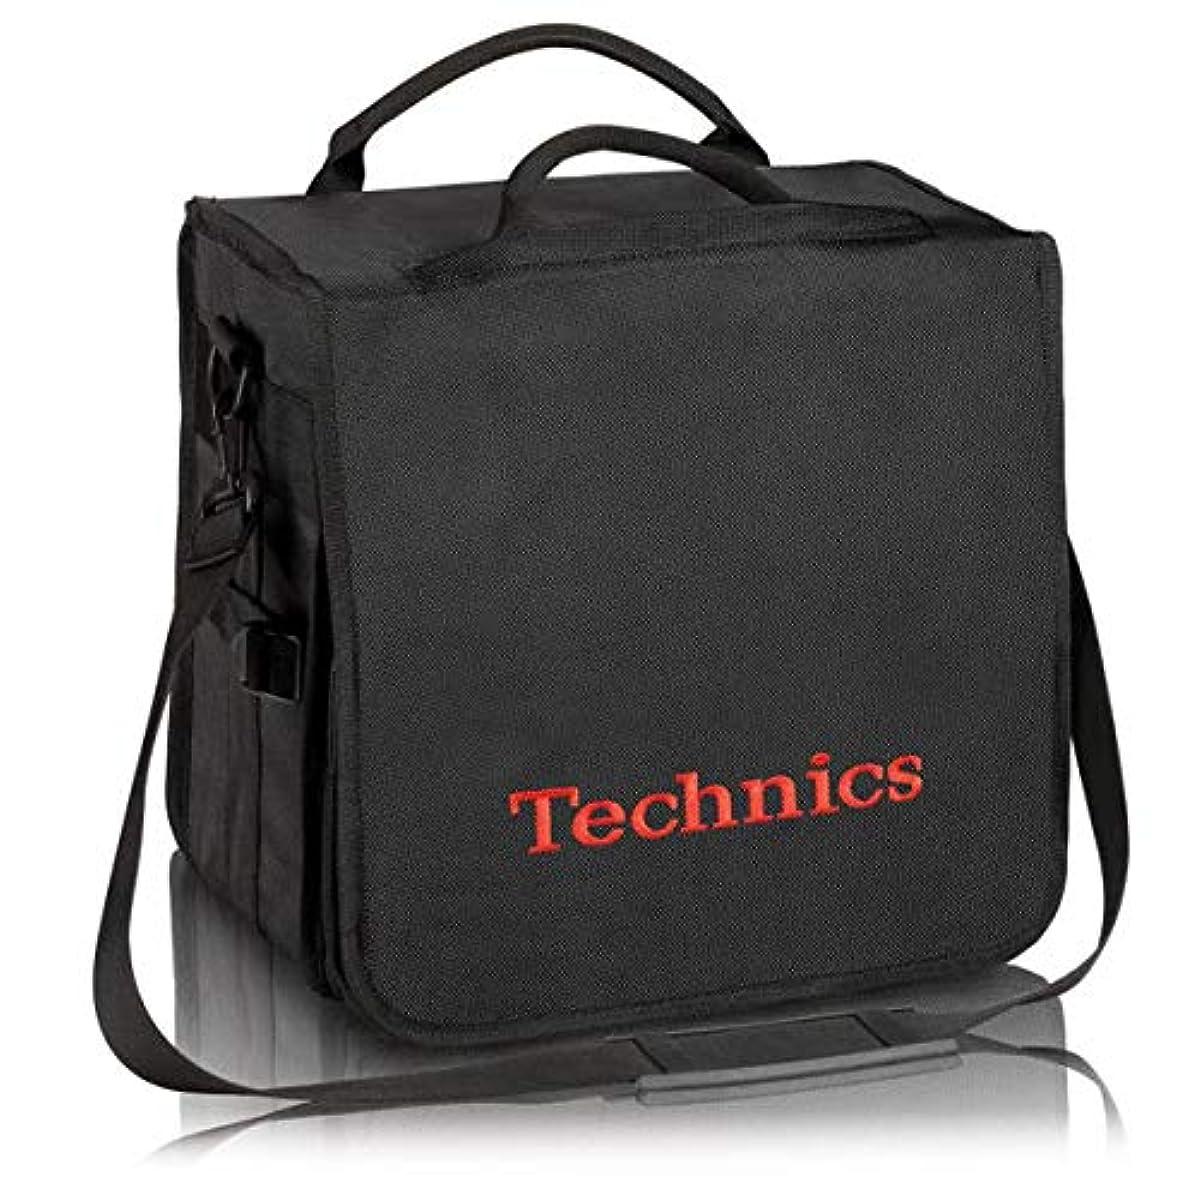 [해외] TECHNICS테크닉스 / BACKBAG BLACK/RED 레코드 약60 매수납가 레코드 화이트